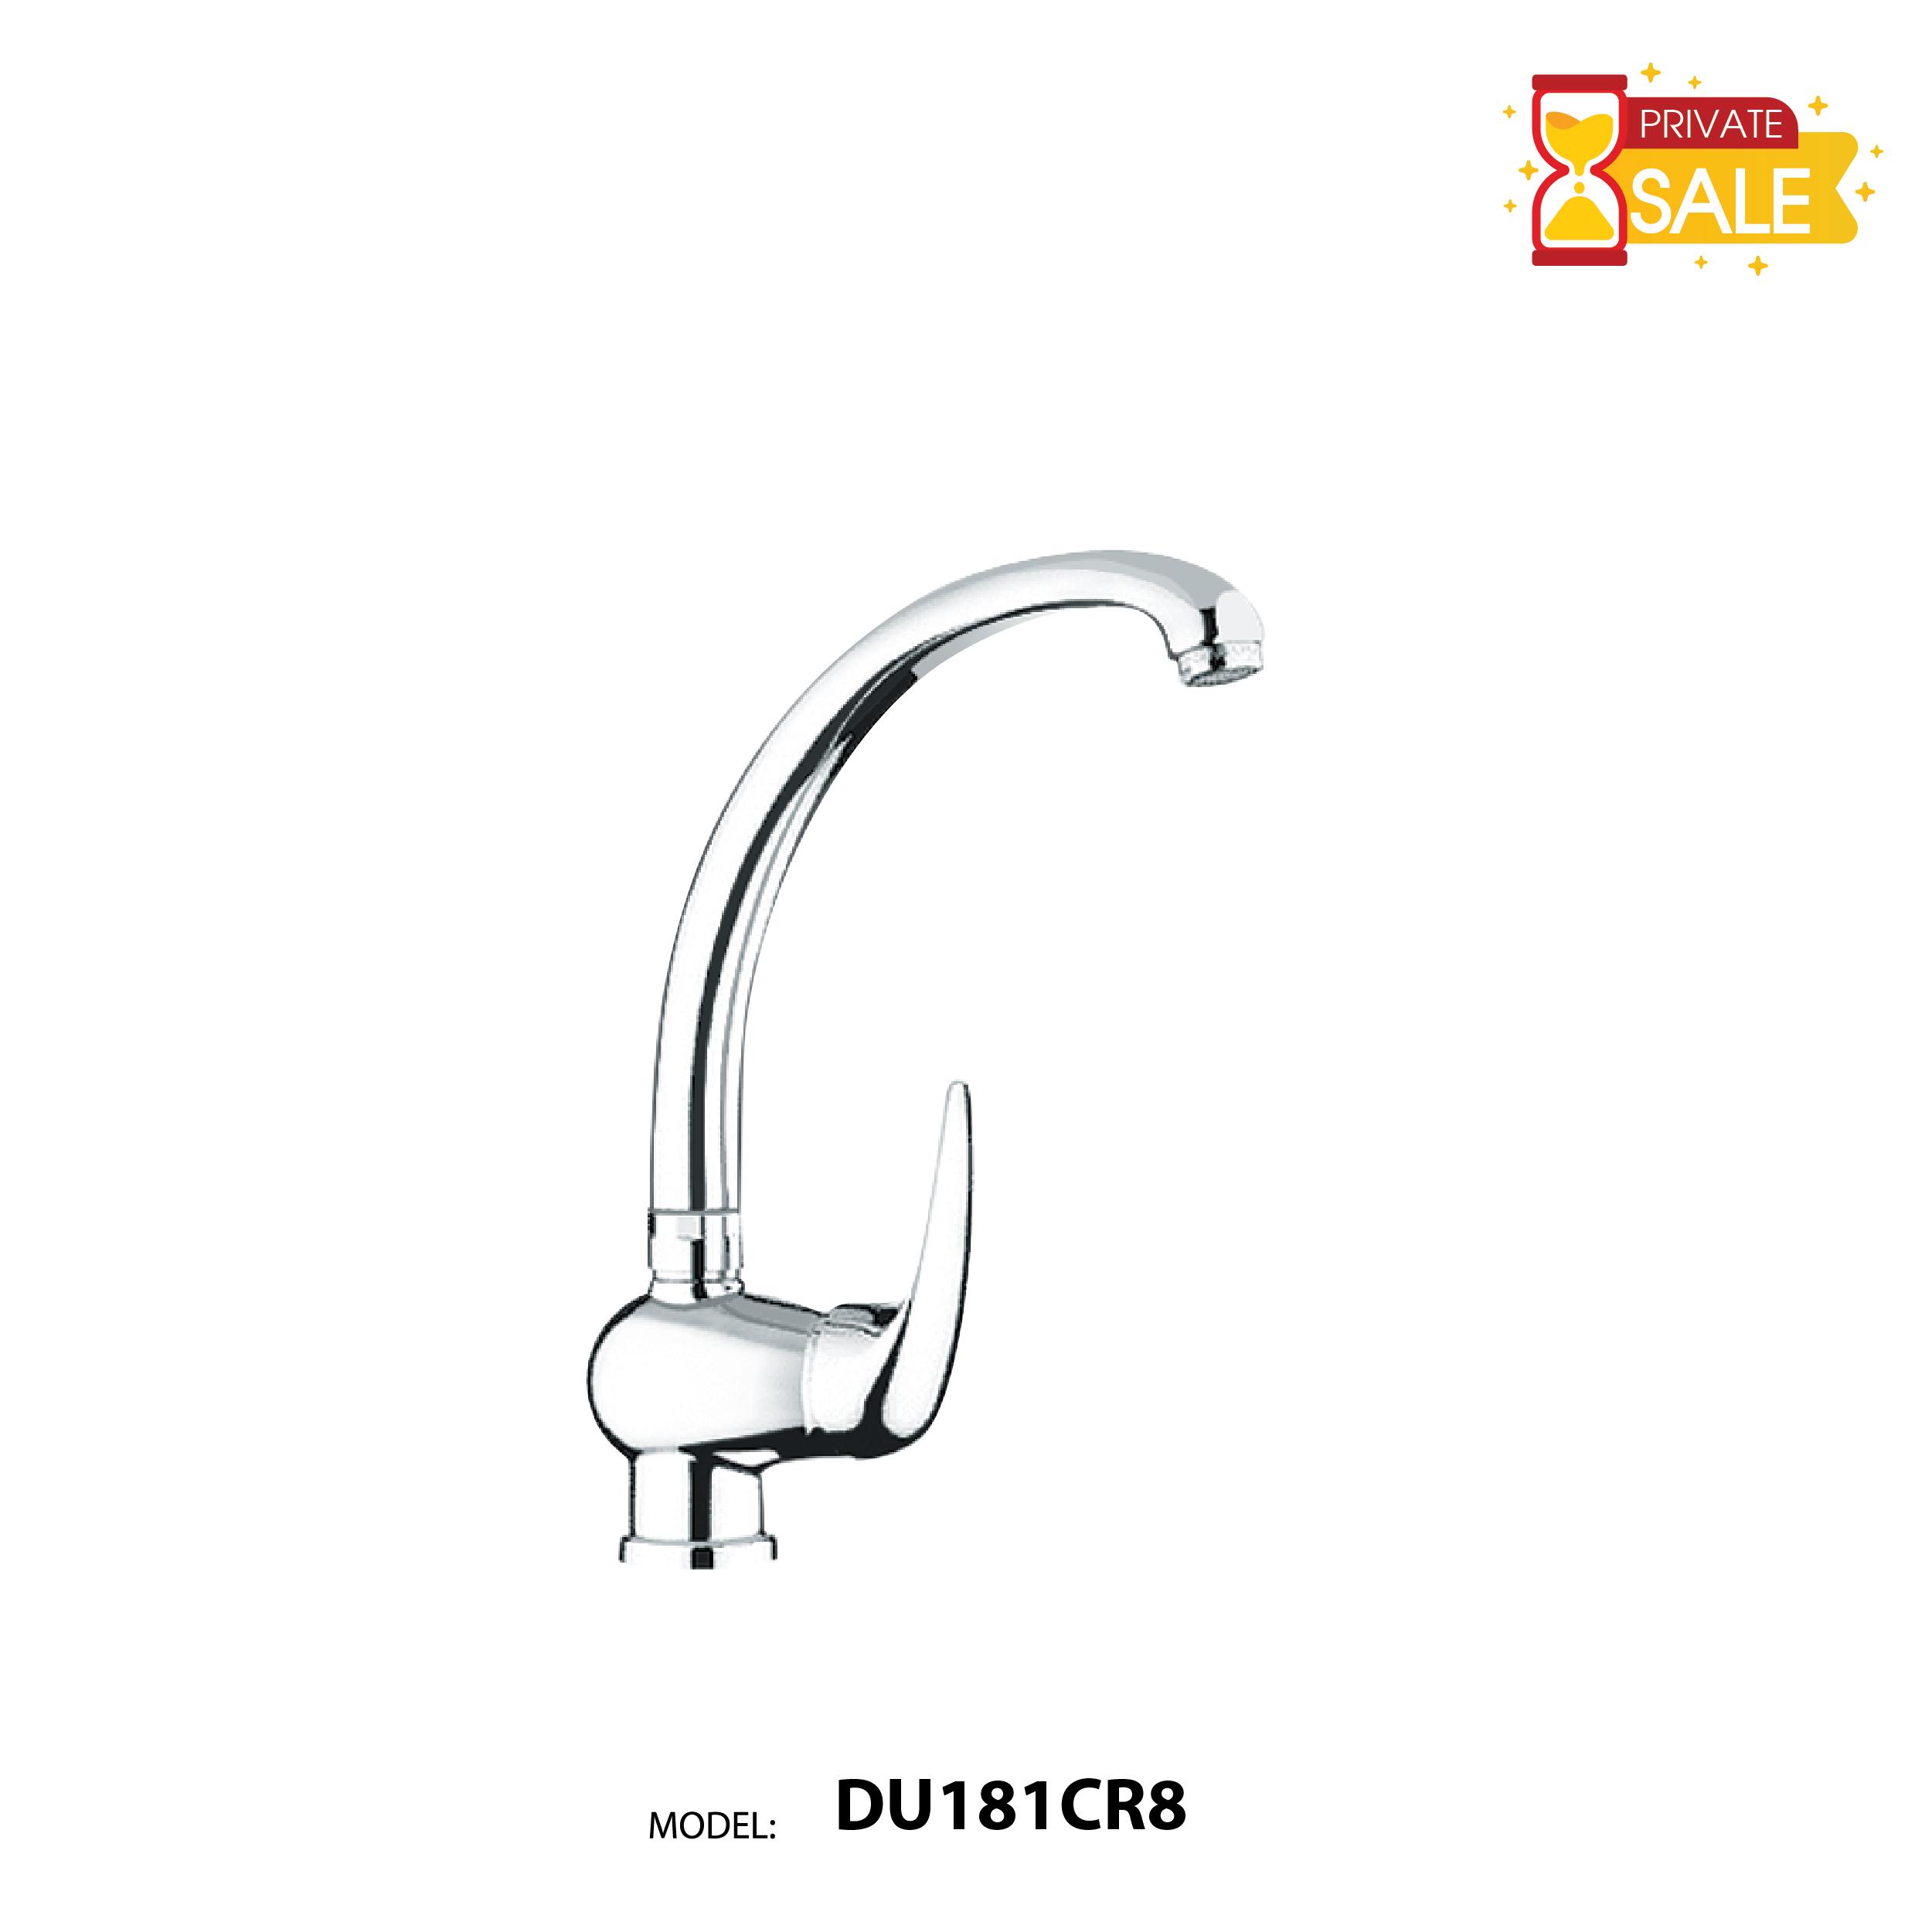 VÒI CHẬU NÓNG LẠNH PAFFONI DU181CR8 (Vòi lavabo model: DU181CR8)